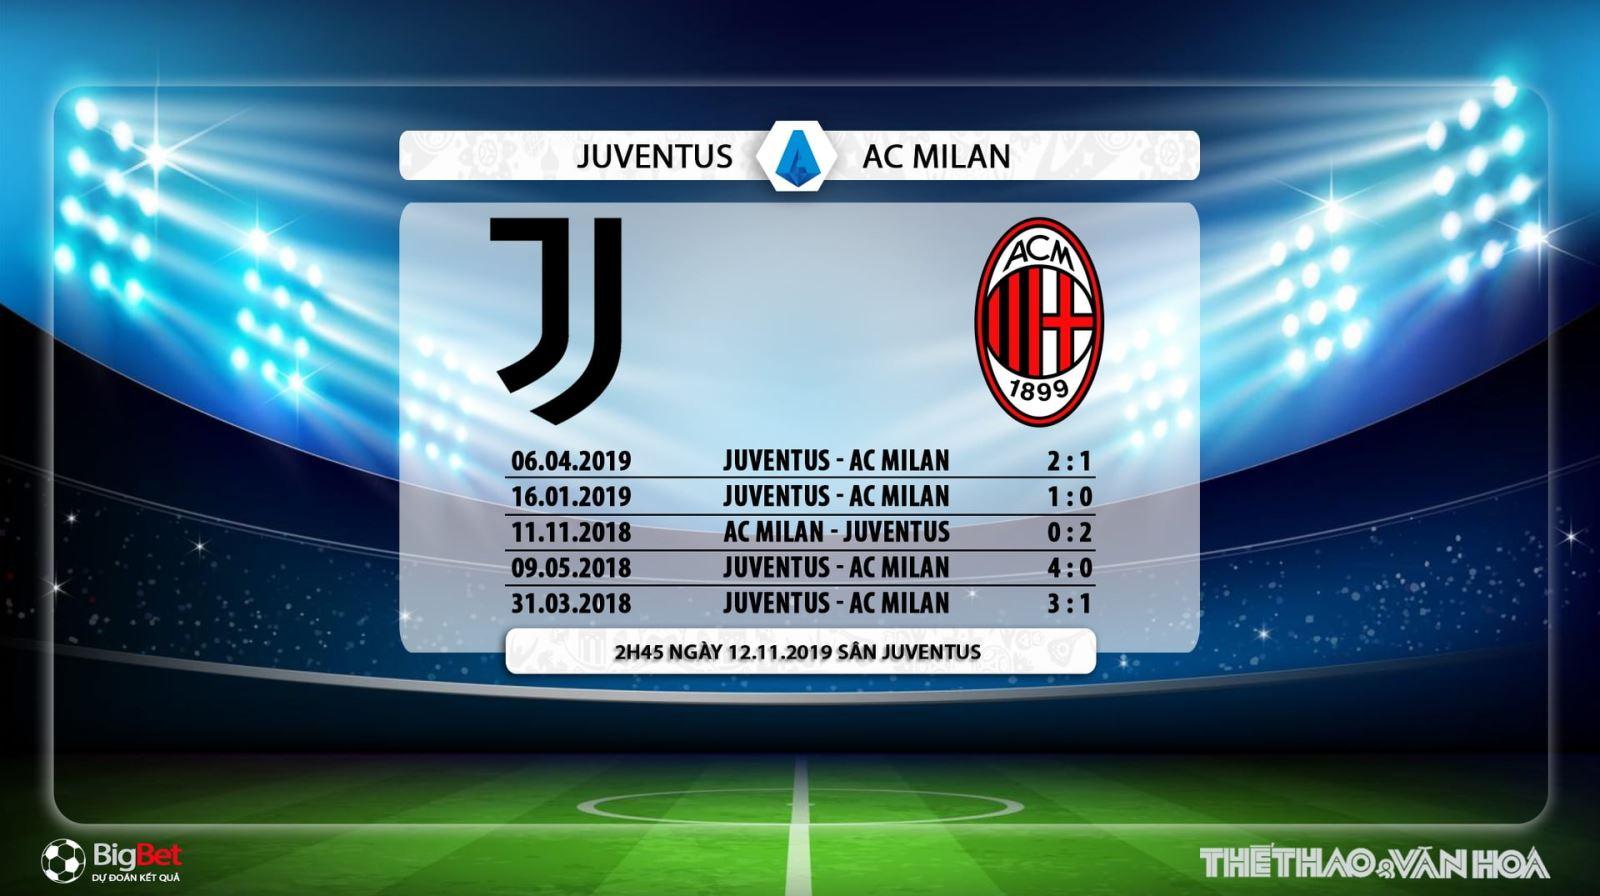 soi kèo Juventus vs AC Milan, truc tiep bong da hom nay, Juventus đấu với AC Milan, xem bóng đá trực tiếp, Serie A, bóng đá Italy, FPT Play, K+, K+PM, K+PC, K+1, K+NS, xem bong da truc tuyen, AC Milan